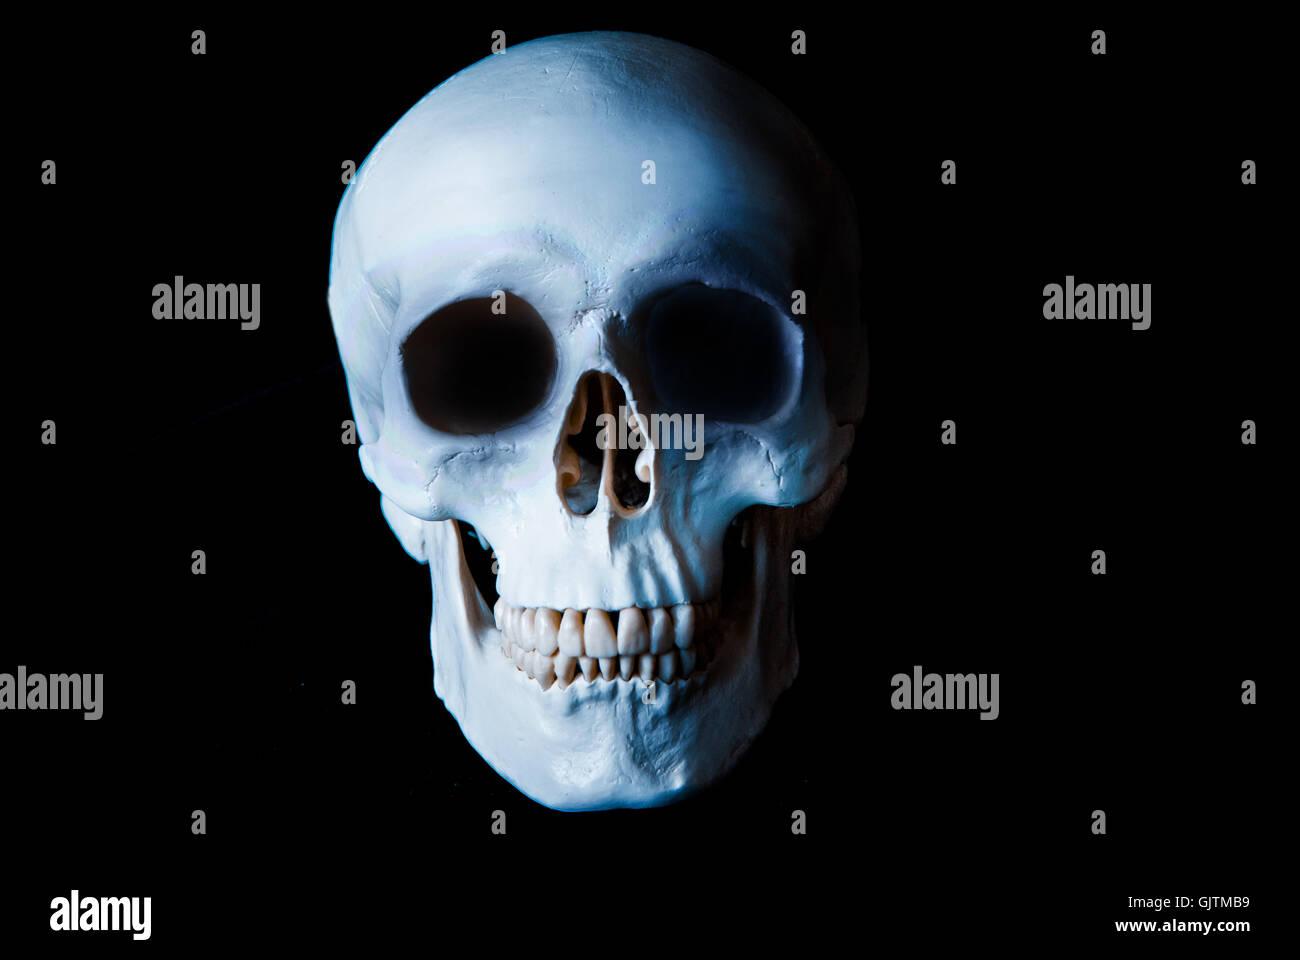 cráneo humano Imagen De Stock